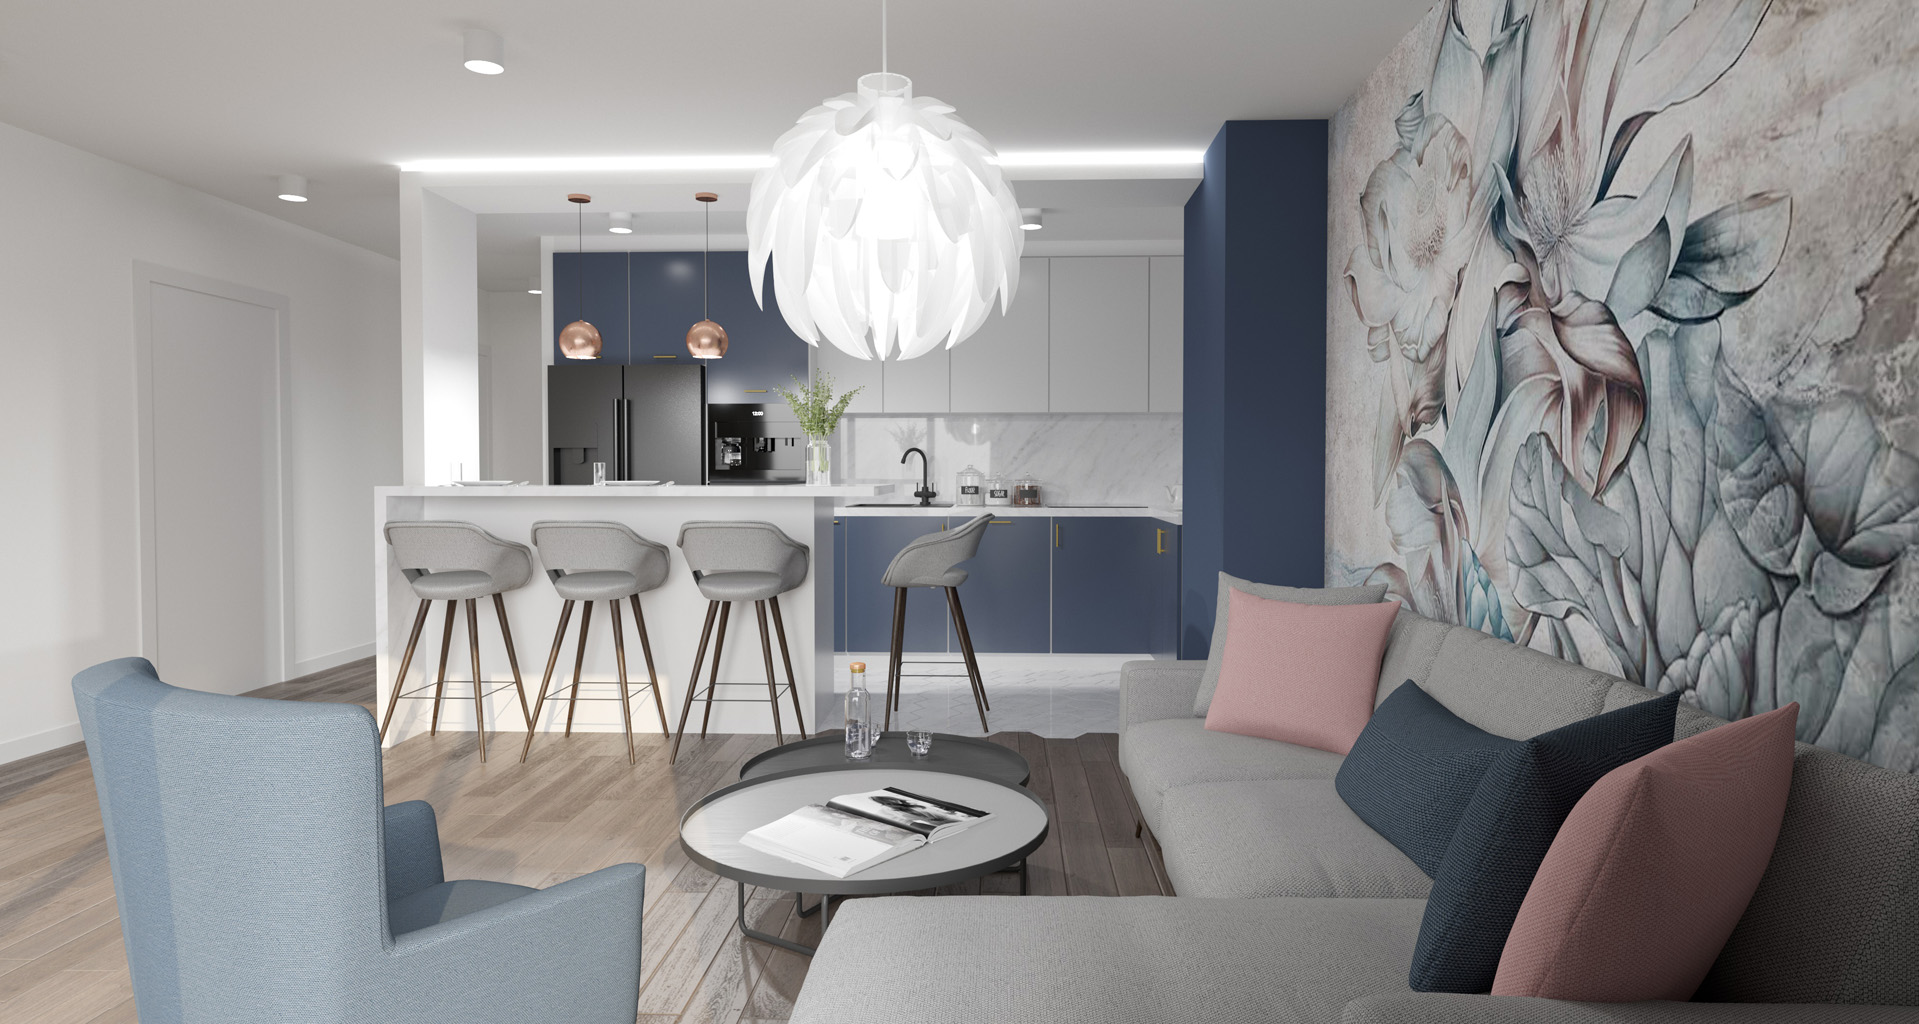 Projekt wnętrz mieszkania, budynek wielorodzinny - salon z kuchnią. M2 Architektura Katowice - Pracownia Projektowa Katowice